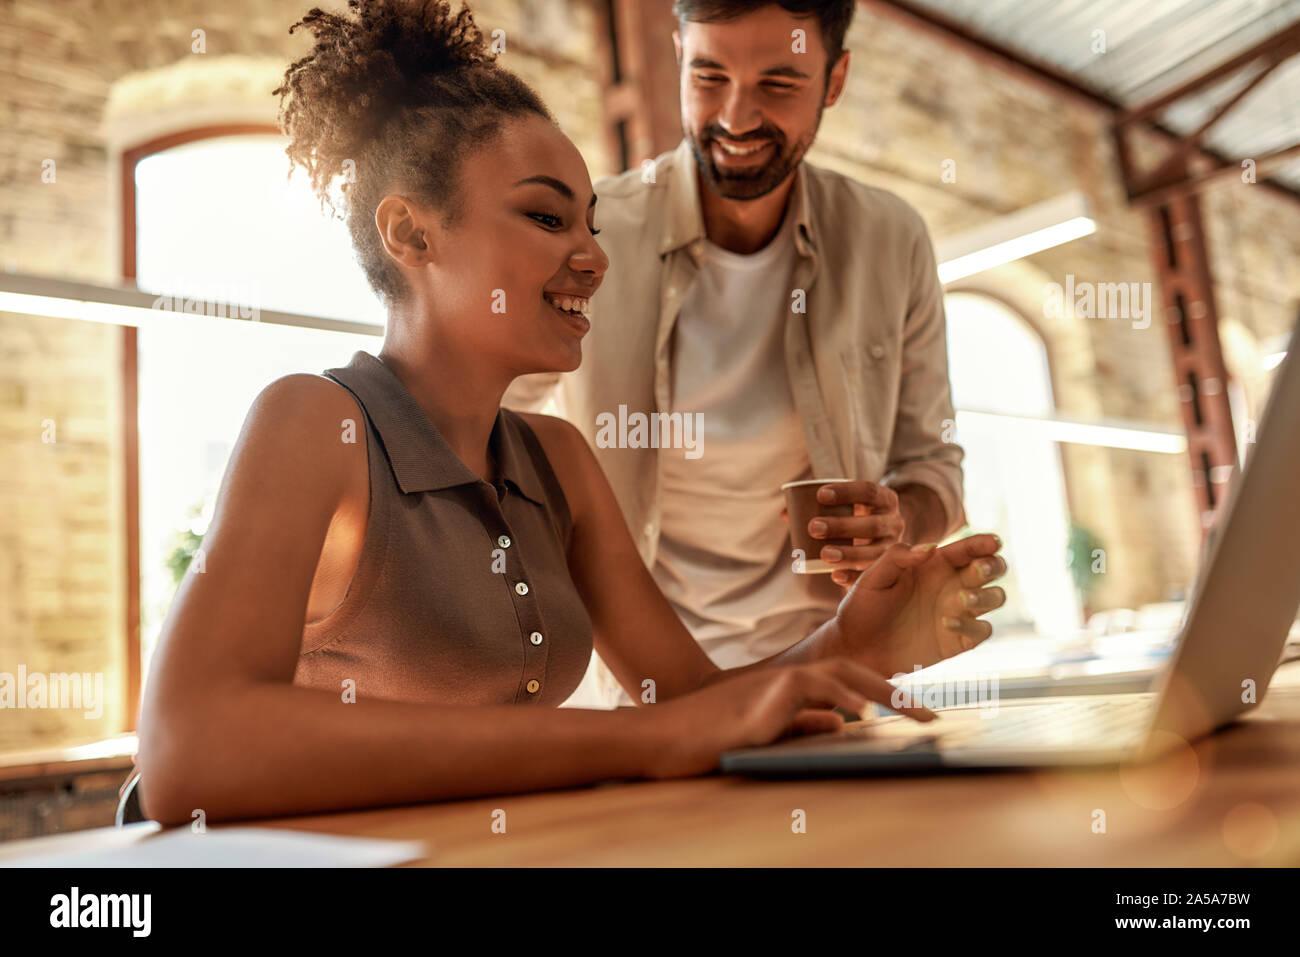 Beratung. Die jungen und freundlichen Mann mit kaffeetasse und im Gespräch mit seinem Kollegen beim zusammen im modernen Büro arbeiten Stockfoto